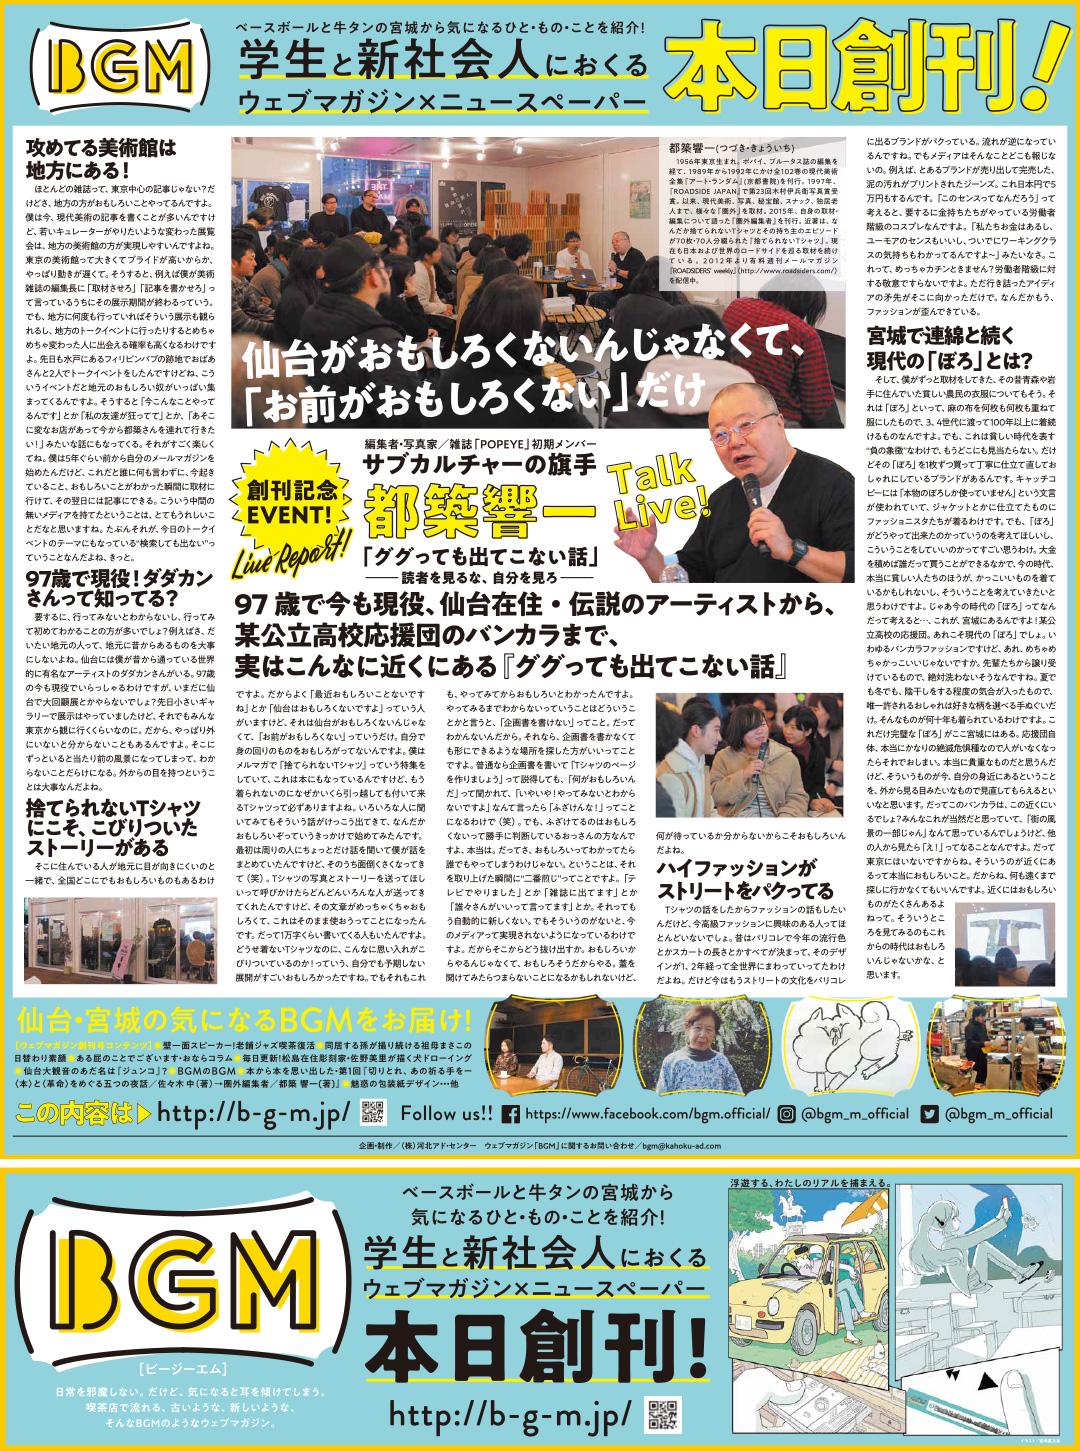 河北新報に掲載された、都築響一さんをお招きしたウェブマガジン「BGM」の創刊イベントの写真